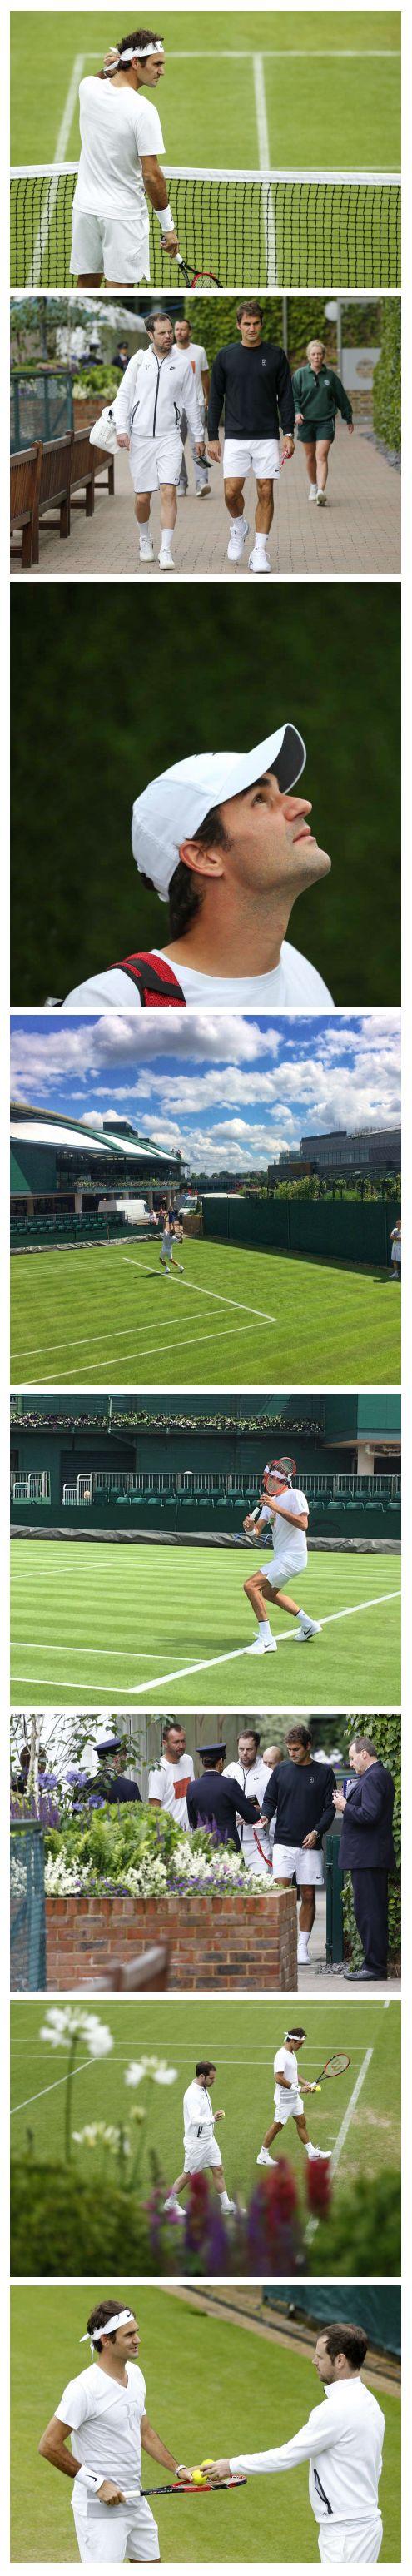 Roger Federer | Wimbledon 2016